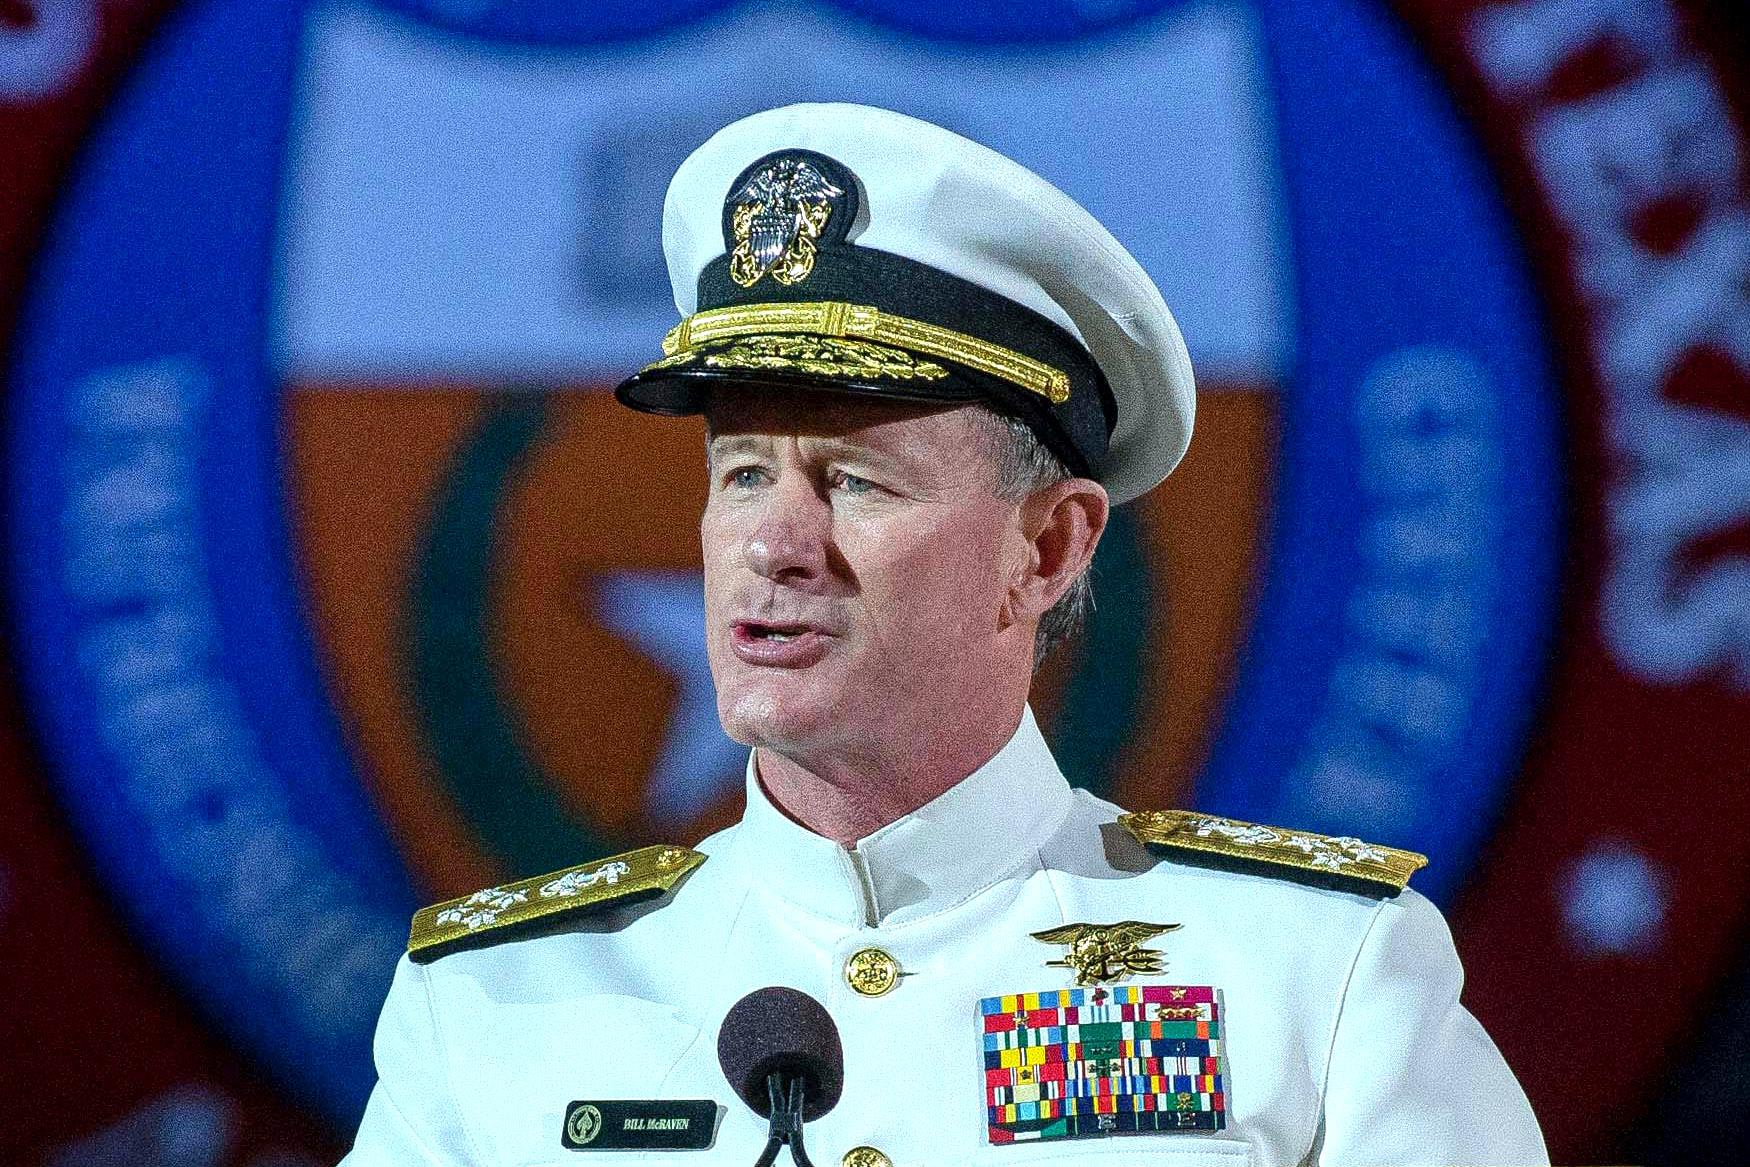 Il comandante dei Navy Seals ci racconta la sua idea di leadership